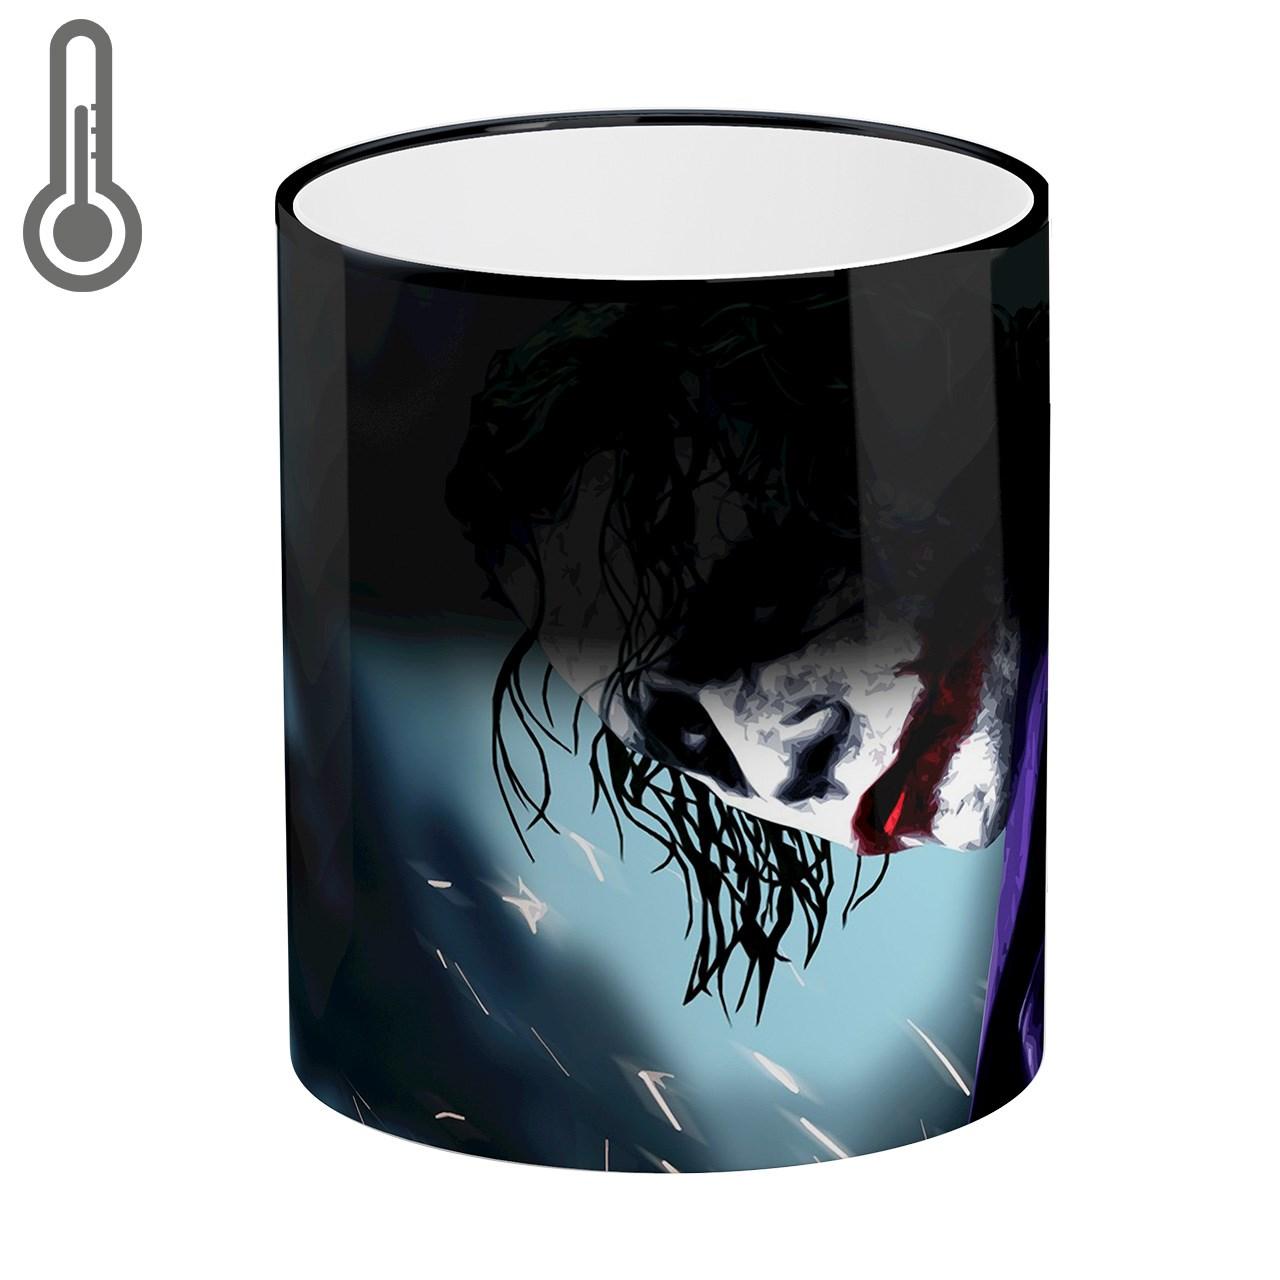 ماگ حرارتی لومانا مدل Joker  MAG0023